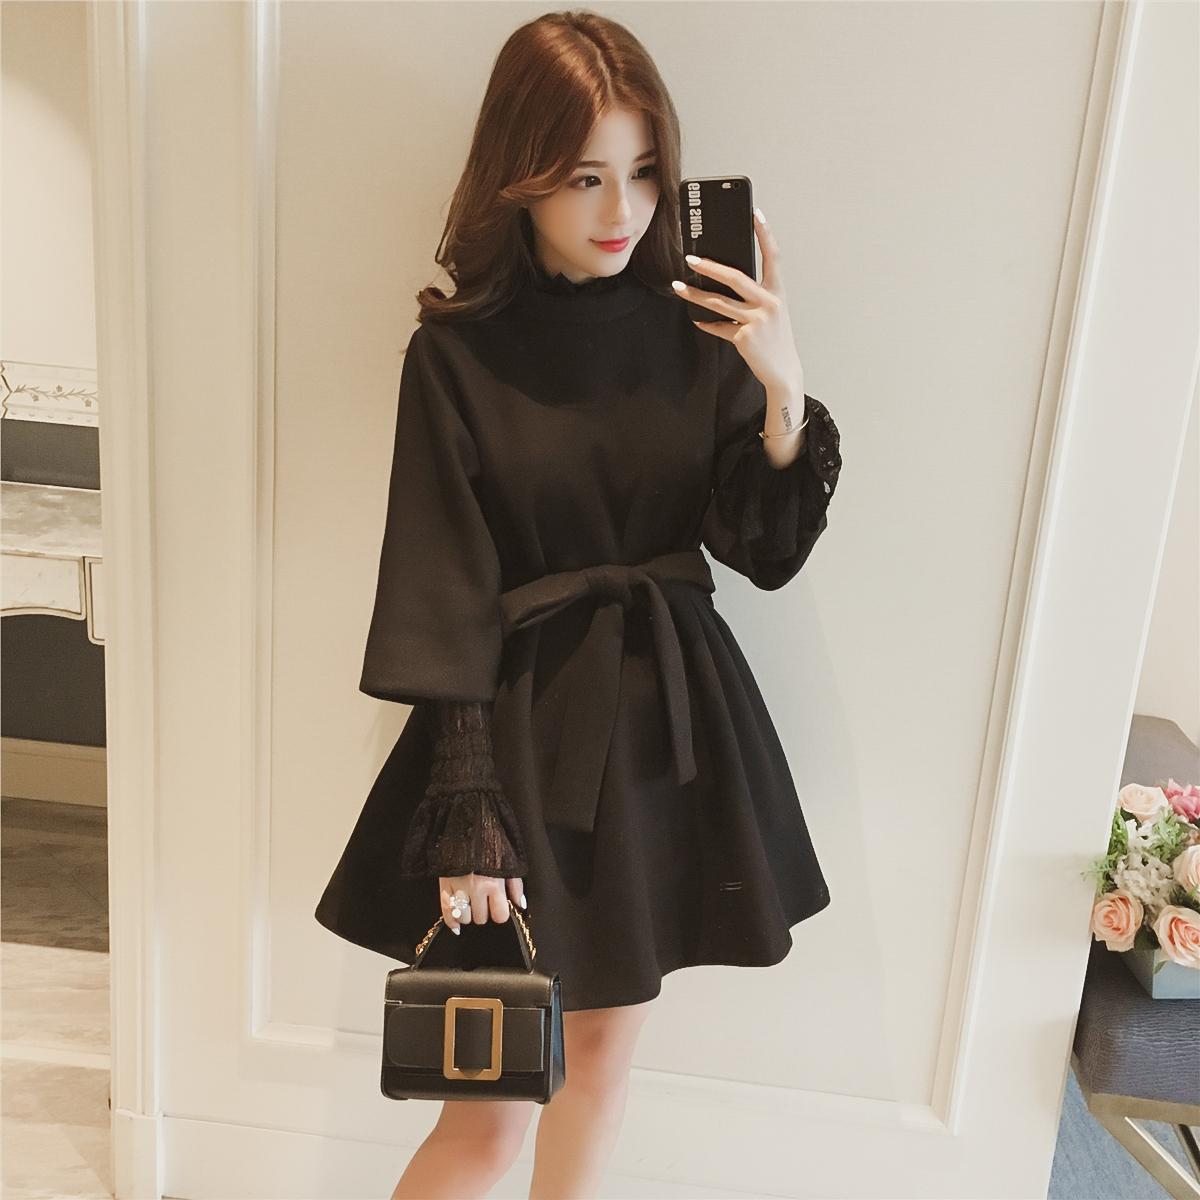 2017 новый зимний осенний корейский семь штук черные волосы частица для вопросительного предложения платье женщины кружево талия a слово кукла юбка волна